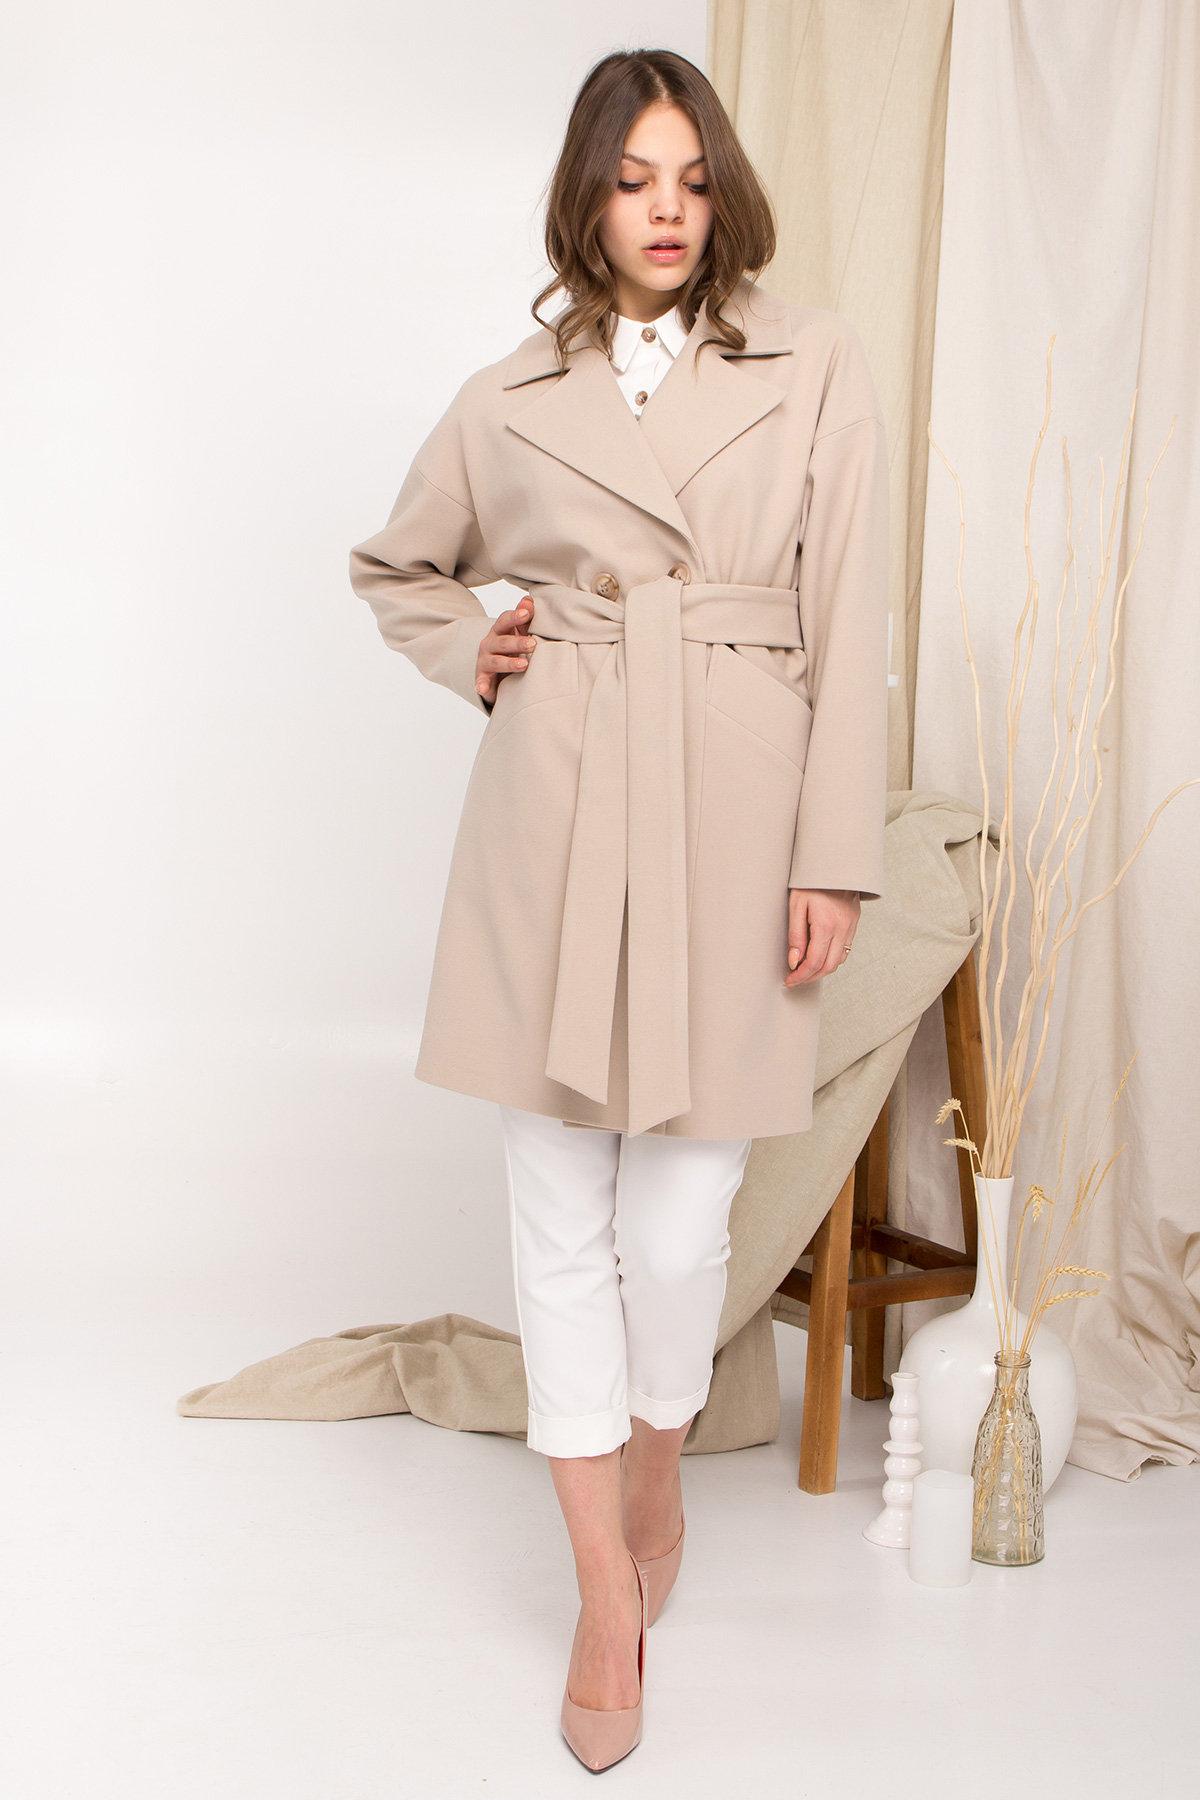 Пальто Сенсей 9006 АРТ. 45312 Цвет: Бежевый - фото 6, интернет магазин tm-modus.ru